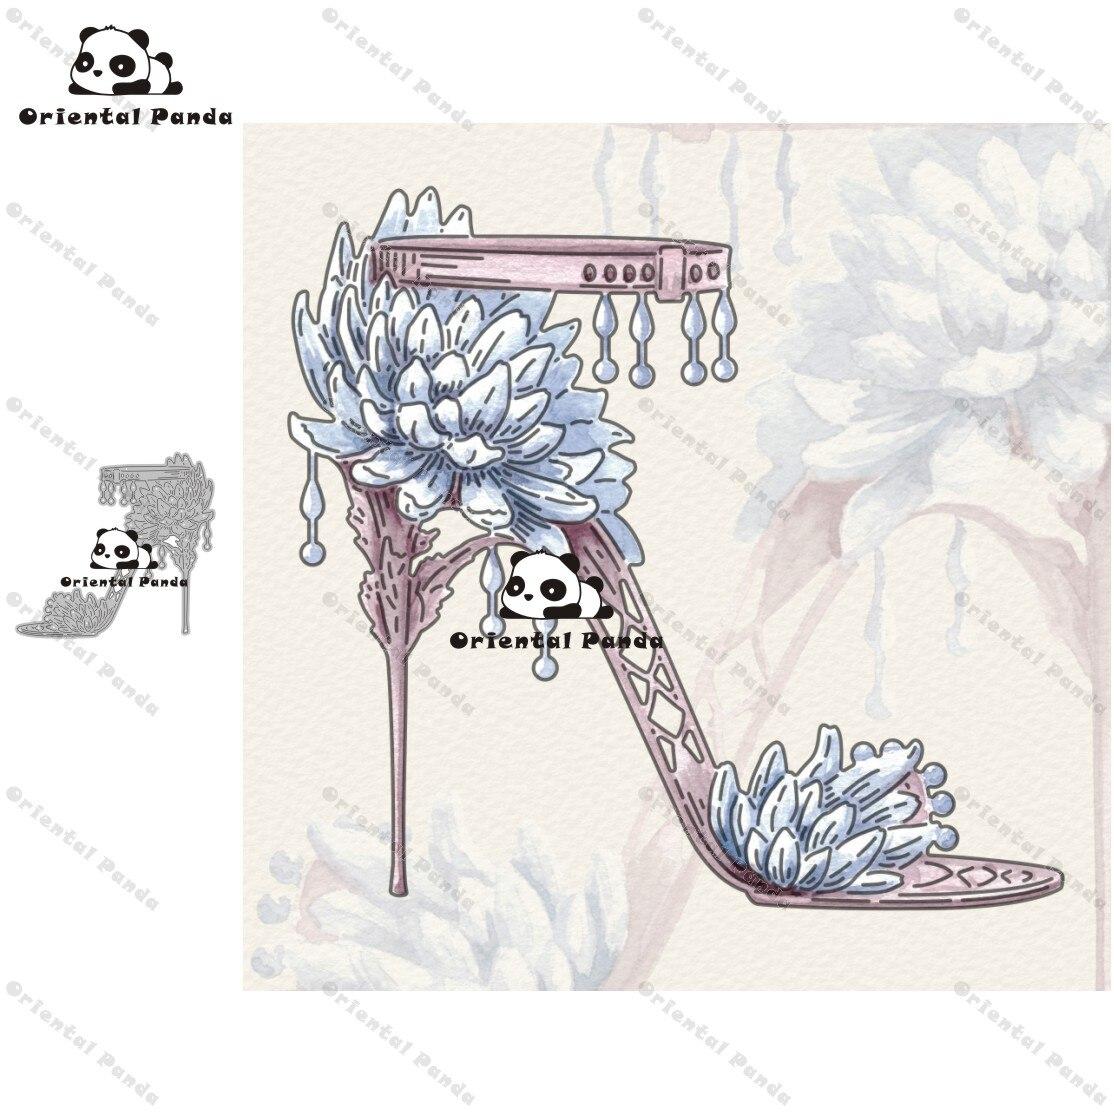 New Dies Chrysanthemum Shoes Metal Cutting Dies Diy Dies Photo Album  Cutting Dies Scrapbooking Stencil Die Cuts Card Making